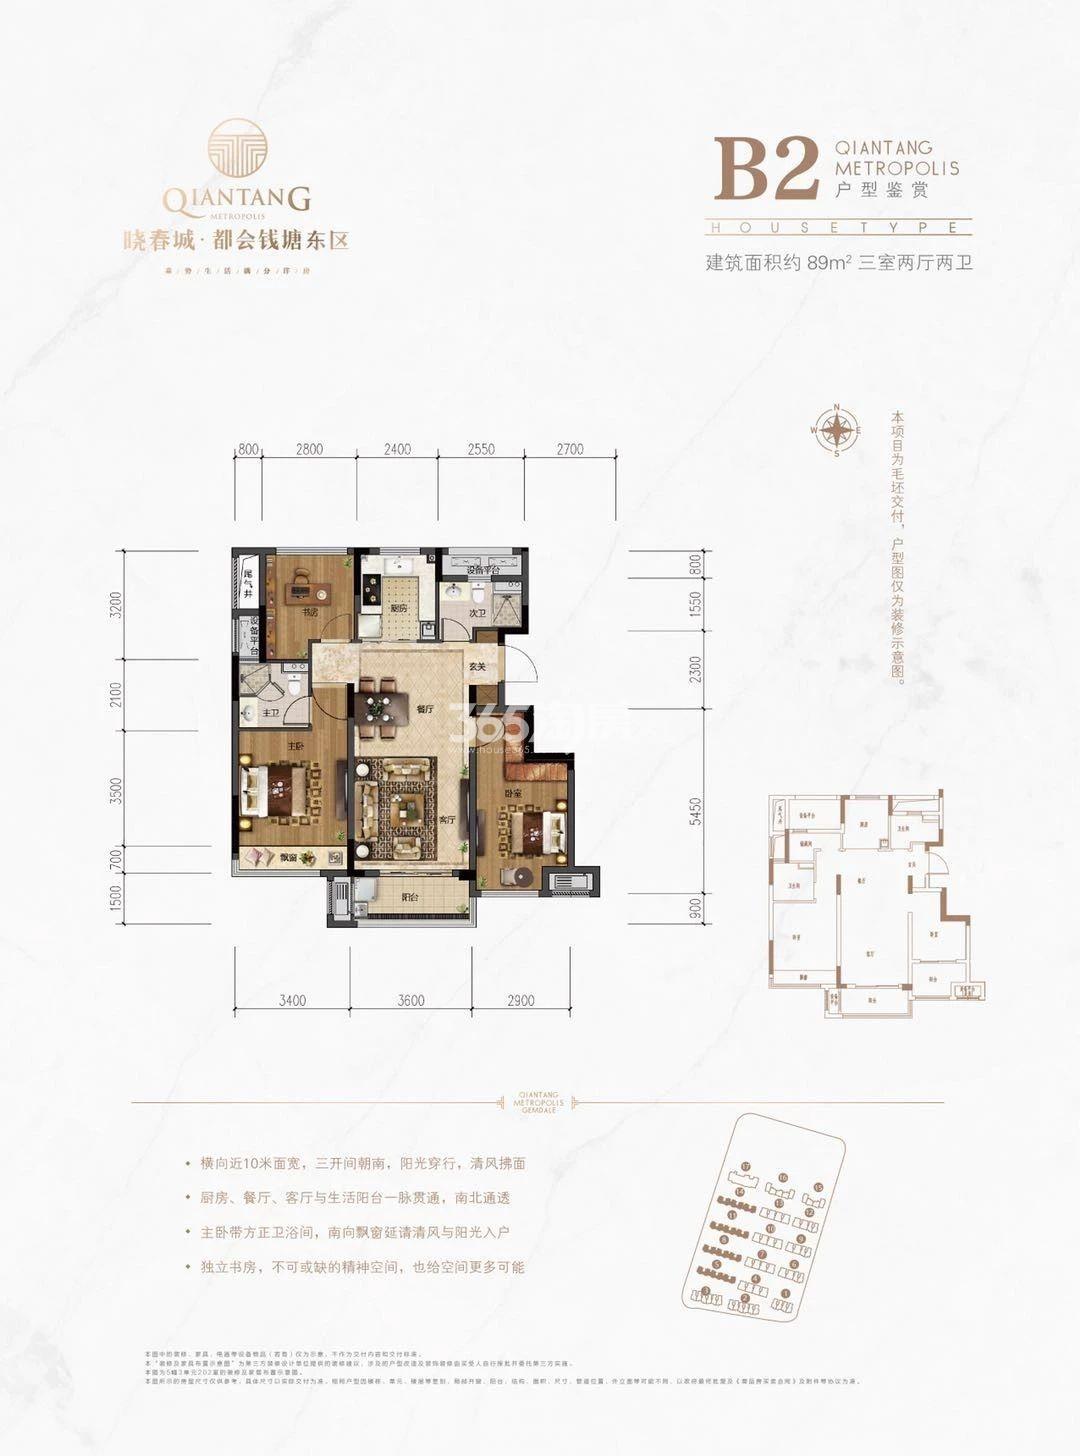 晓春城(都会钱塘东区)低密度多层B2户型约89㎡(5#8#11#14#)